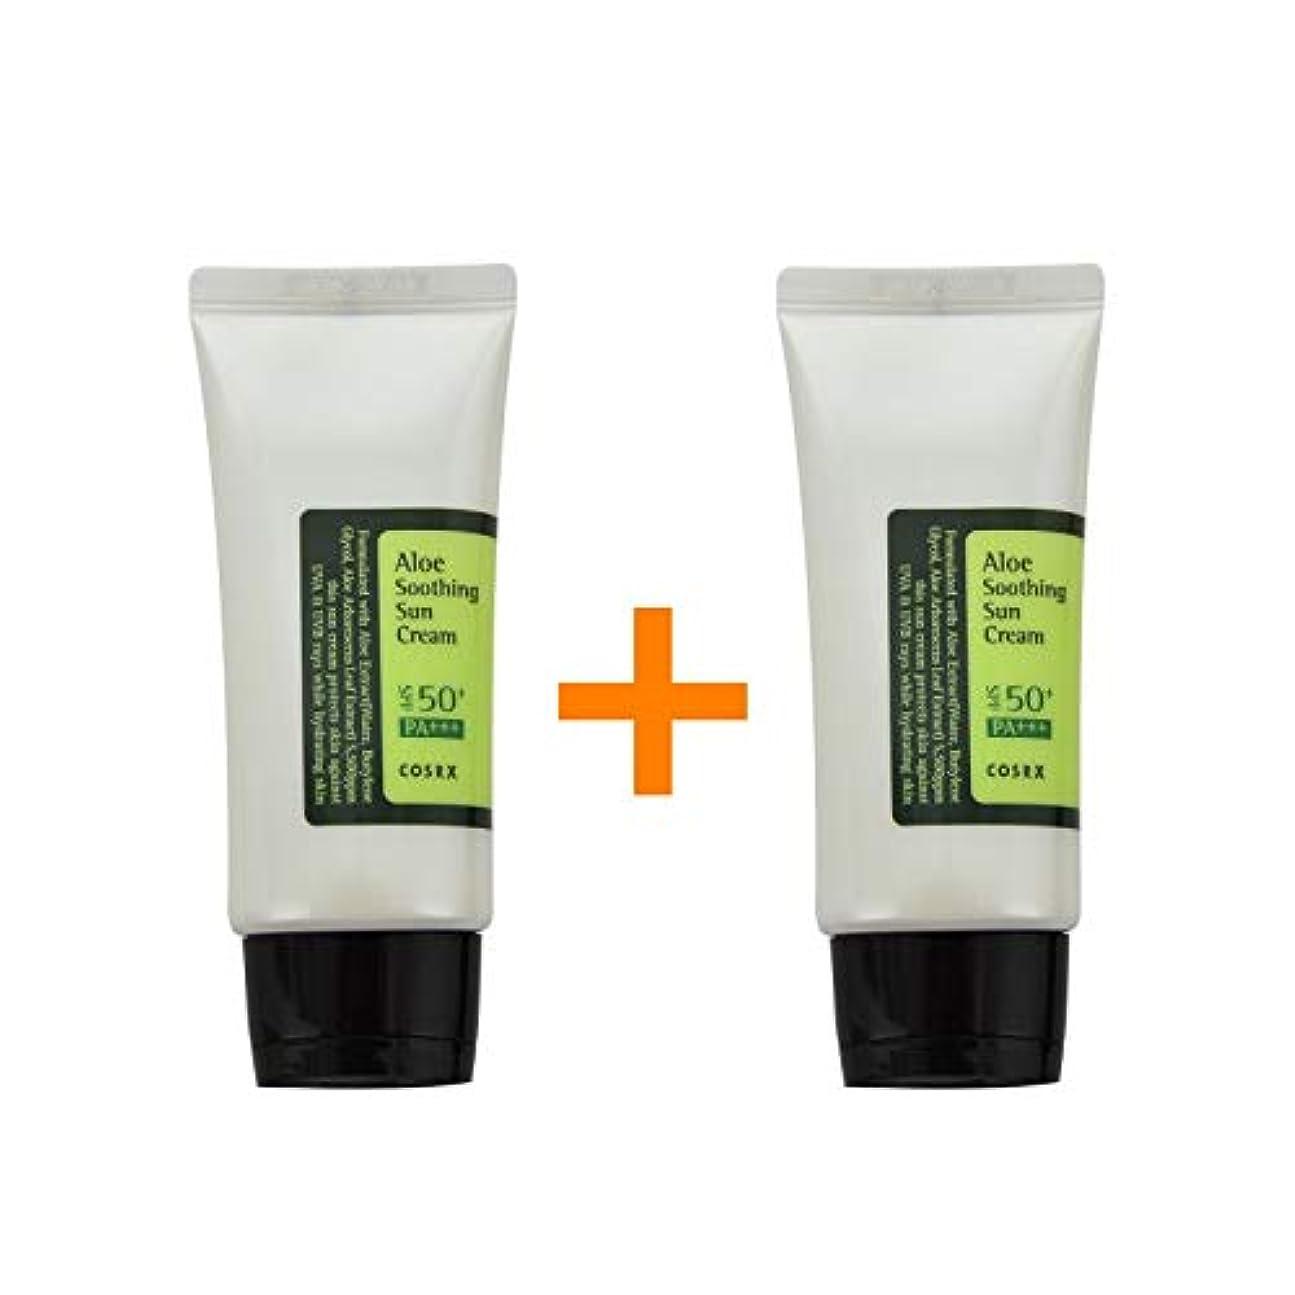 繕ういつか最大限[ 1 + 1 ] COSRX コースアールエックス アロエ スージング サンクリーム Aloe Soothing sun cream (50ml) SPF50+/PA+++ 韓国日焼け止め